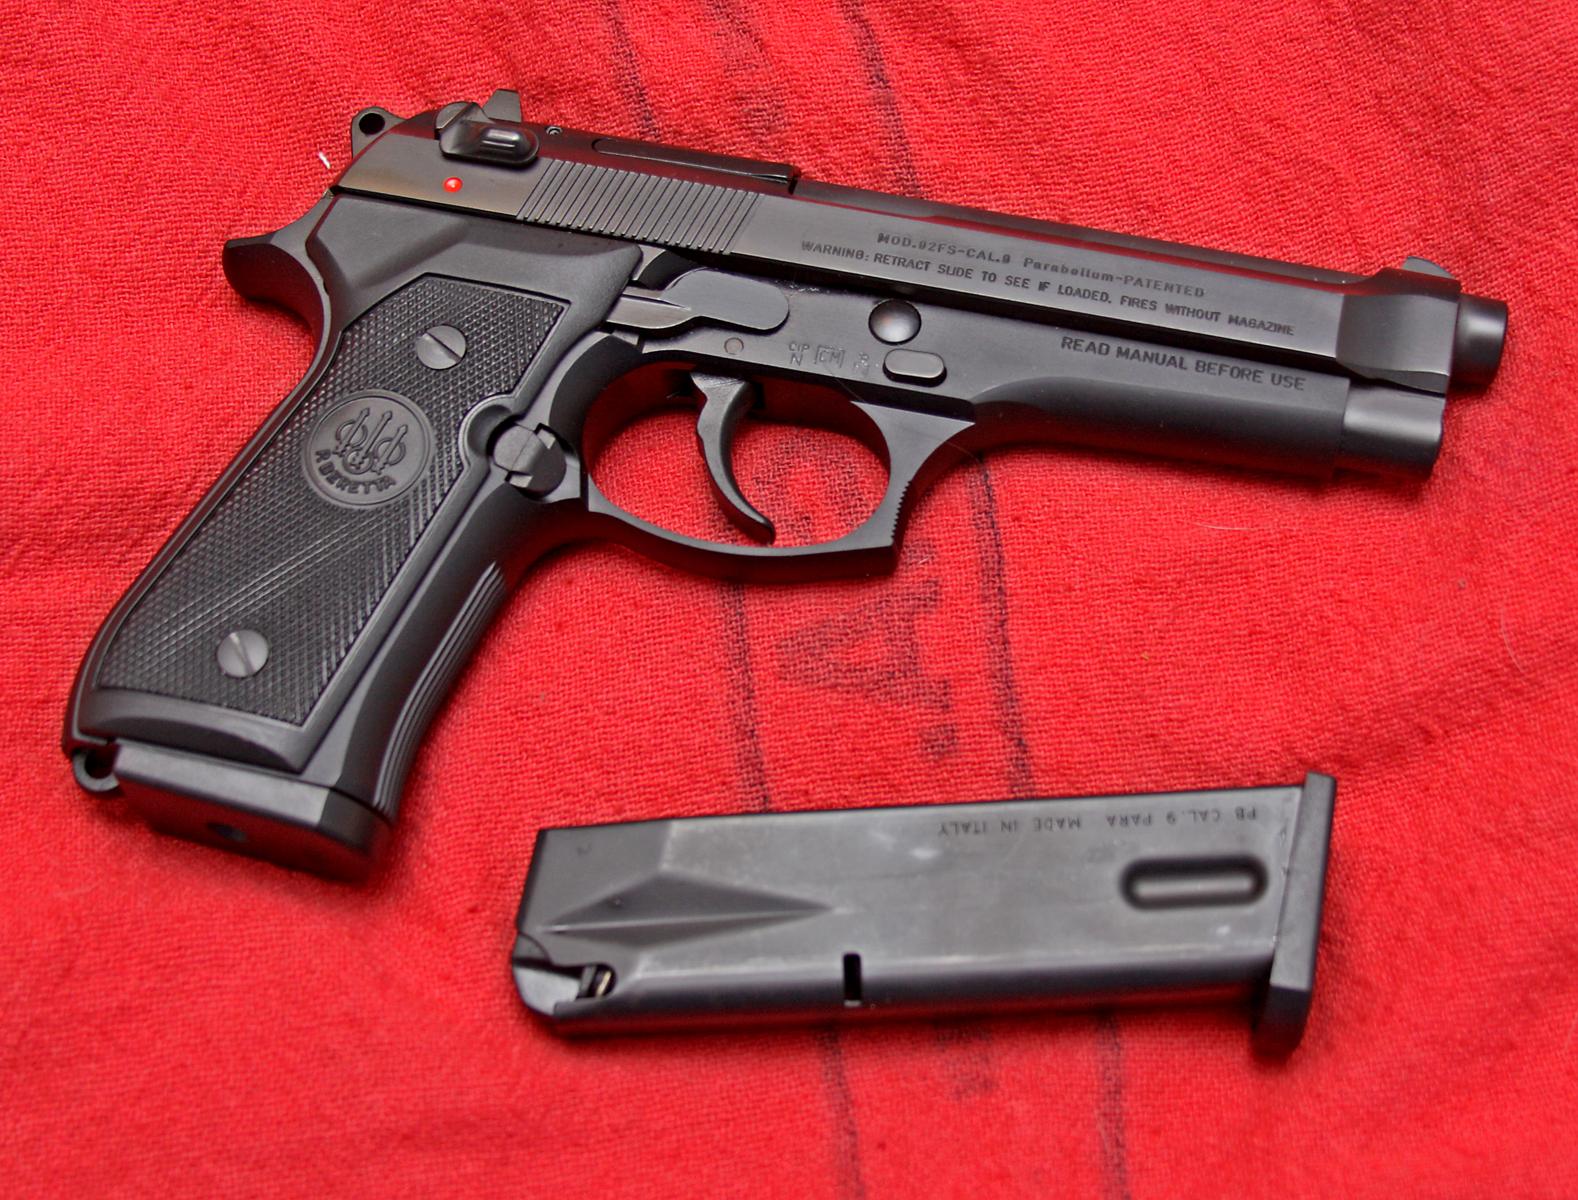 Beretta 92 dating